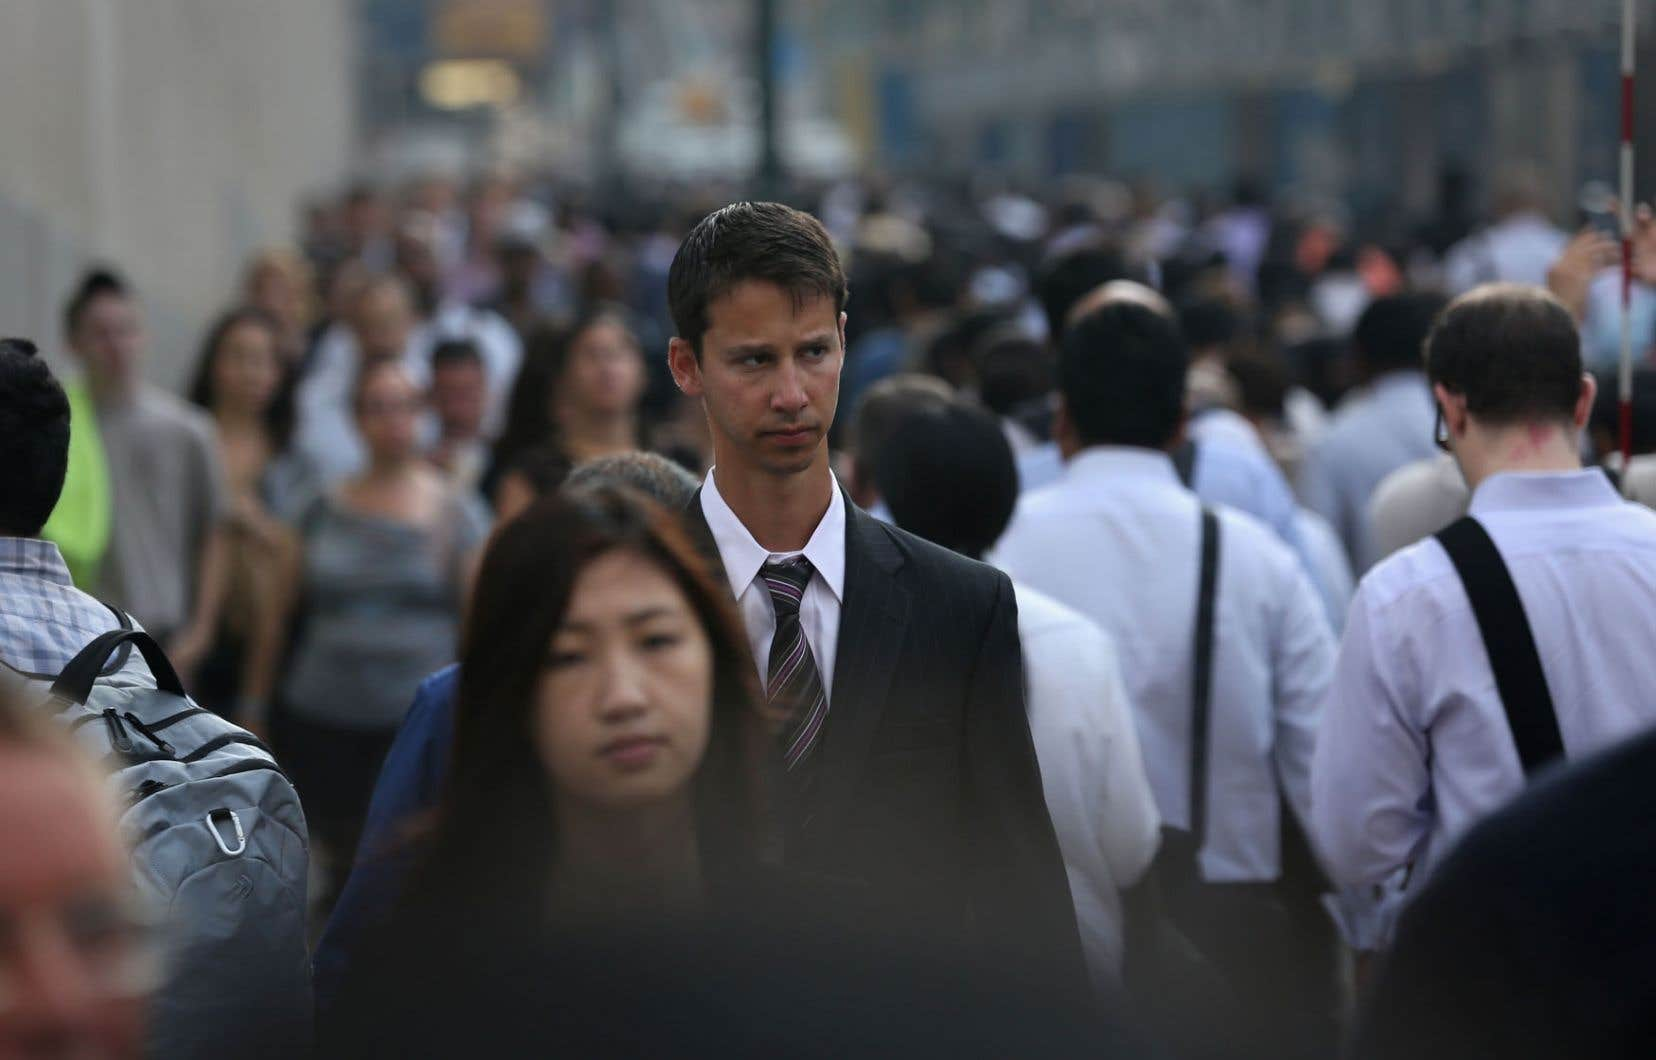 Les pays émergents effectuent du rattrapage par rapport aux pays riches, mais les États-Unis restent dans le peloton de tête lorsqu'on ramène les résultats par habitant.